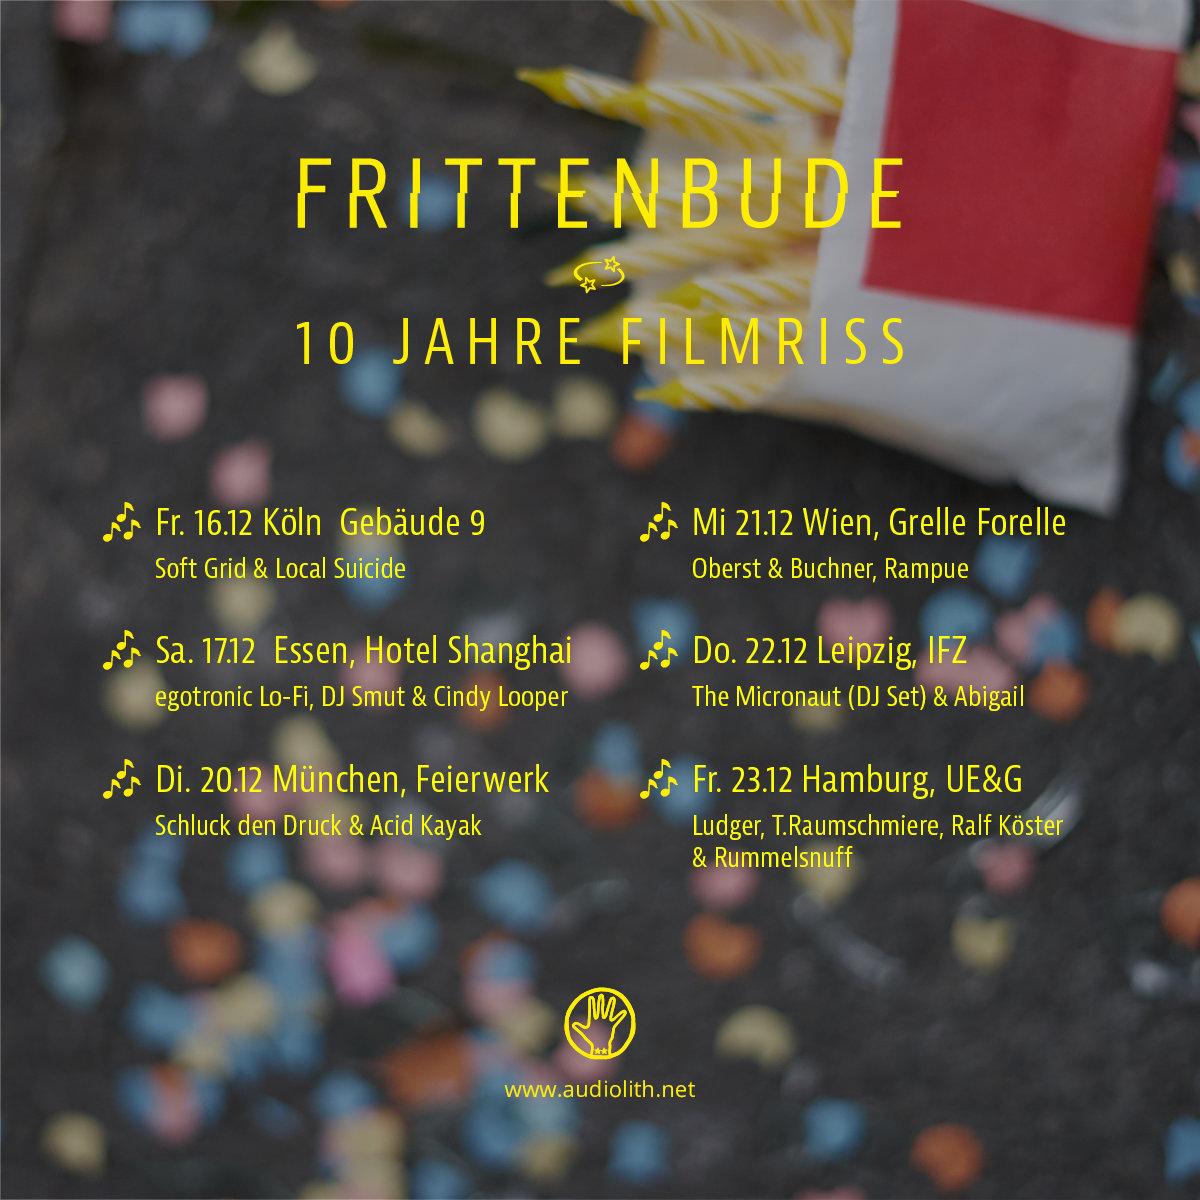 frittenbude_10jahre_tourflyer